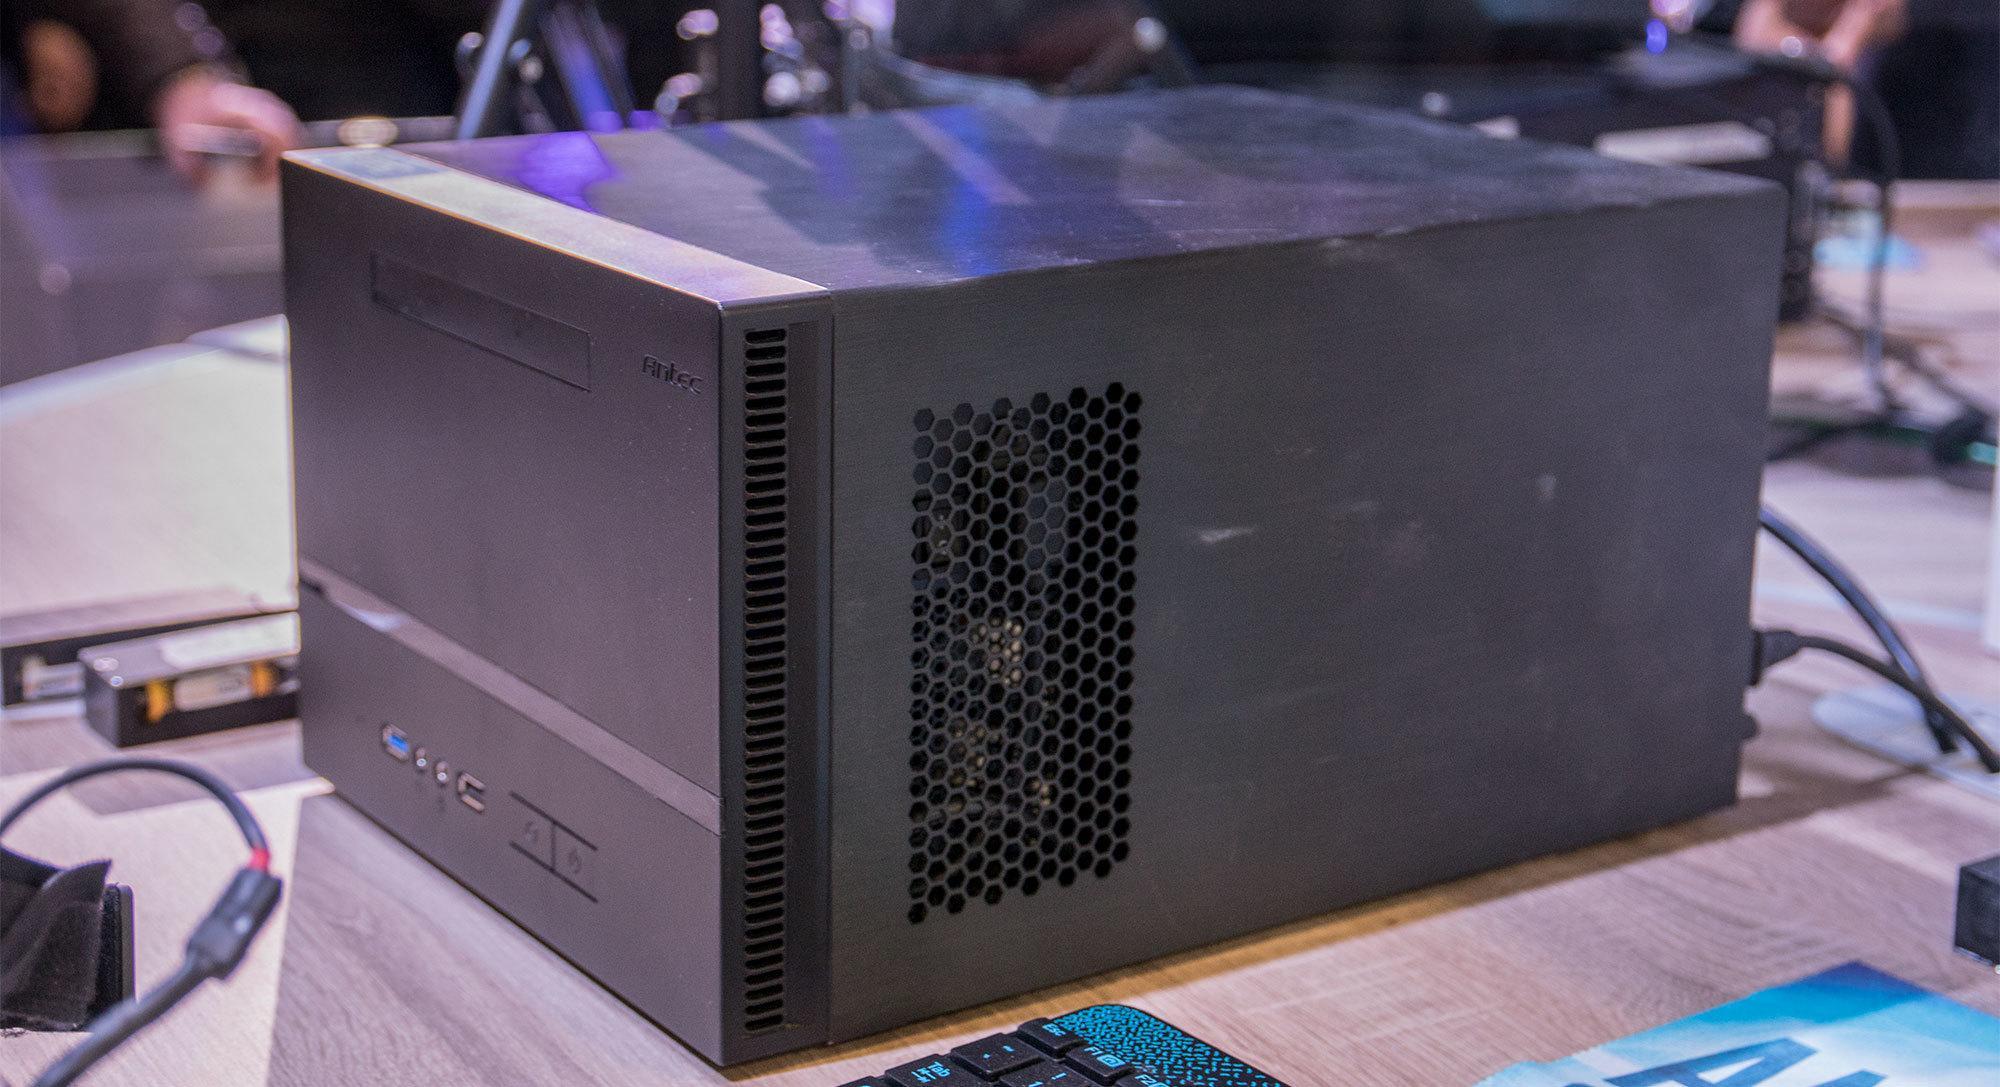 Oppsettet krevde ingen stor, ekstern antenne. Alt som trengtes var et trådløst nettverkskort i PC-en med støtte for WiGig.